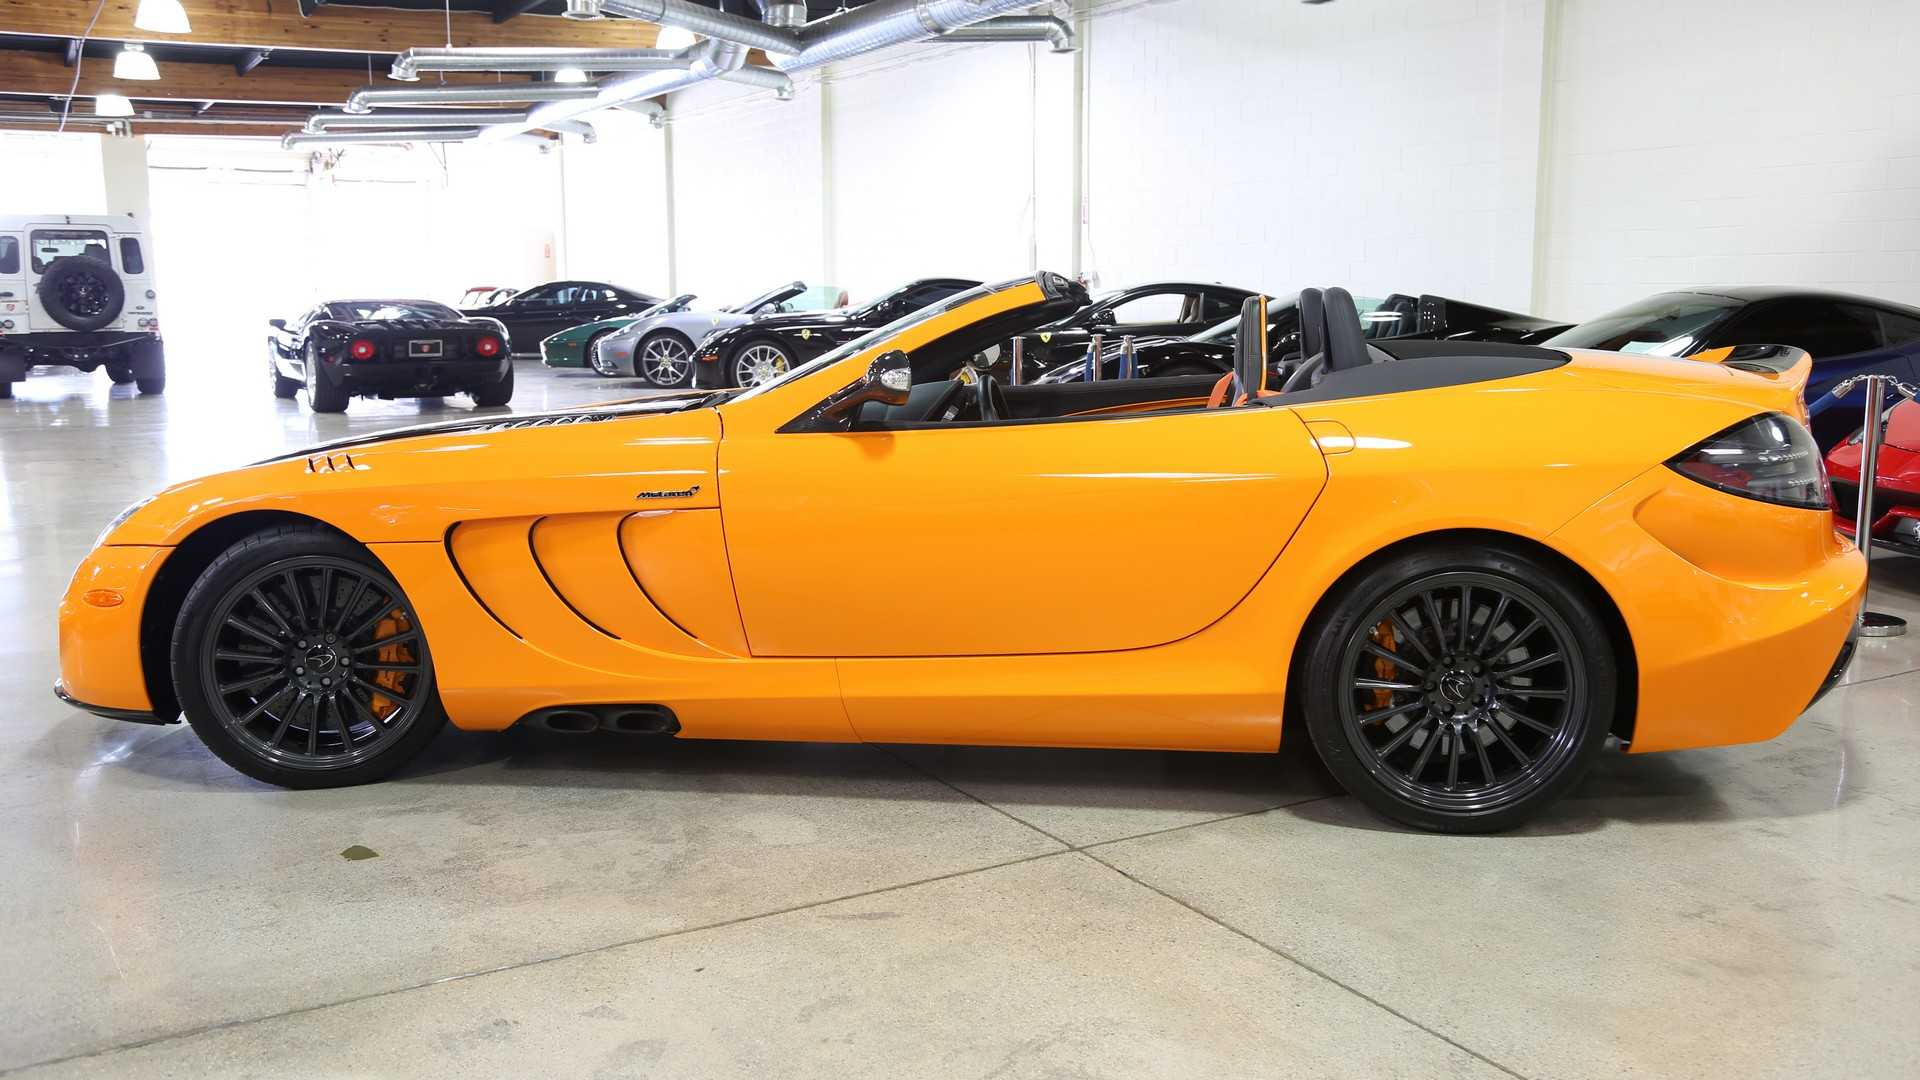 Mercedes-McLaren_SLR_722S_Roadster_McLaren_Edition_0012